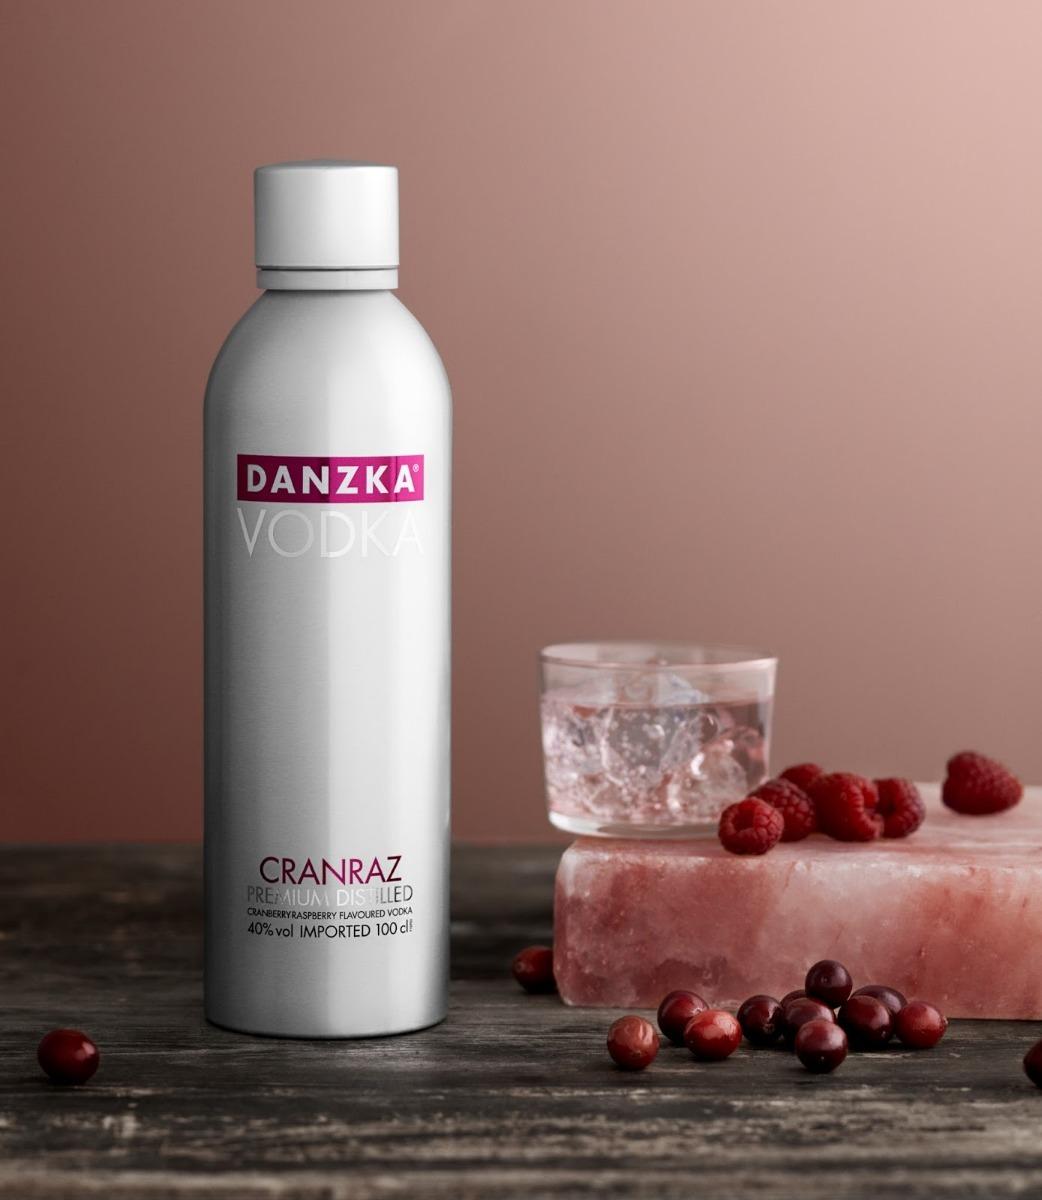 Vodka Danzka 1 Litro Garrafa Alumínio Original E Sabores !